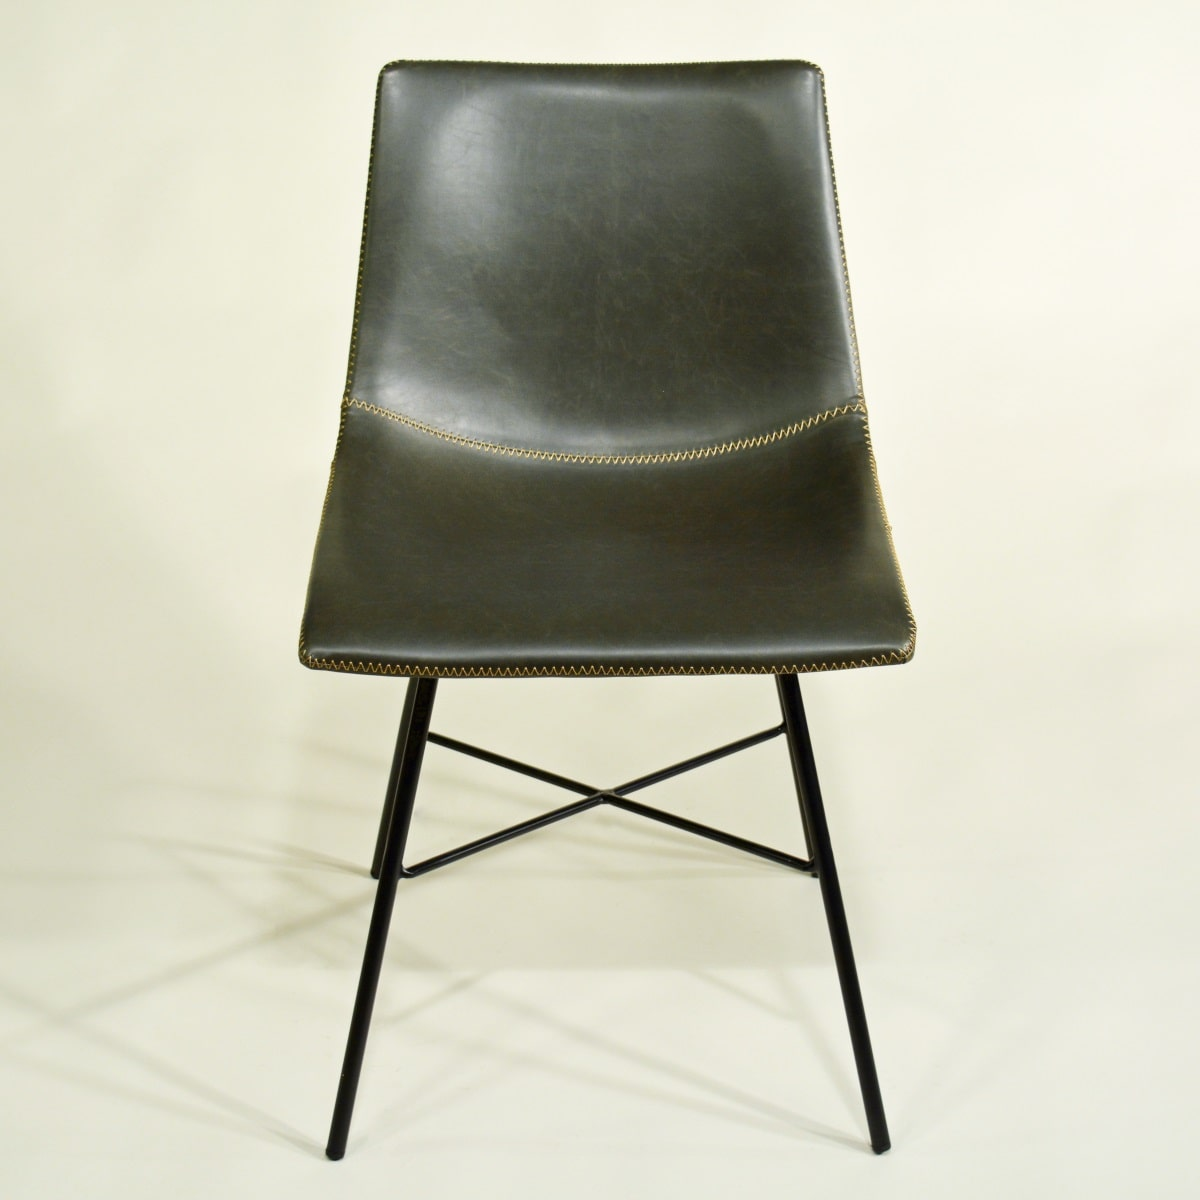 Esszimmerstuhl gepolstert grau Vintage Industrial